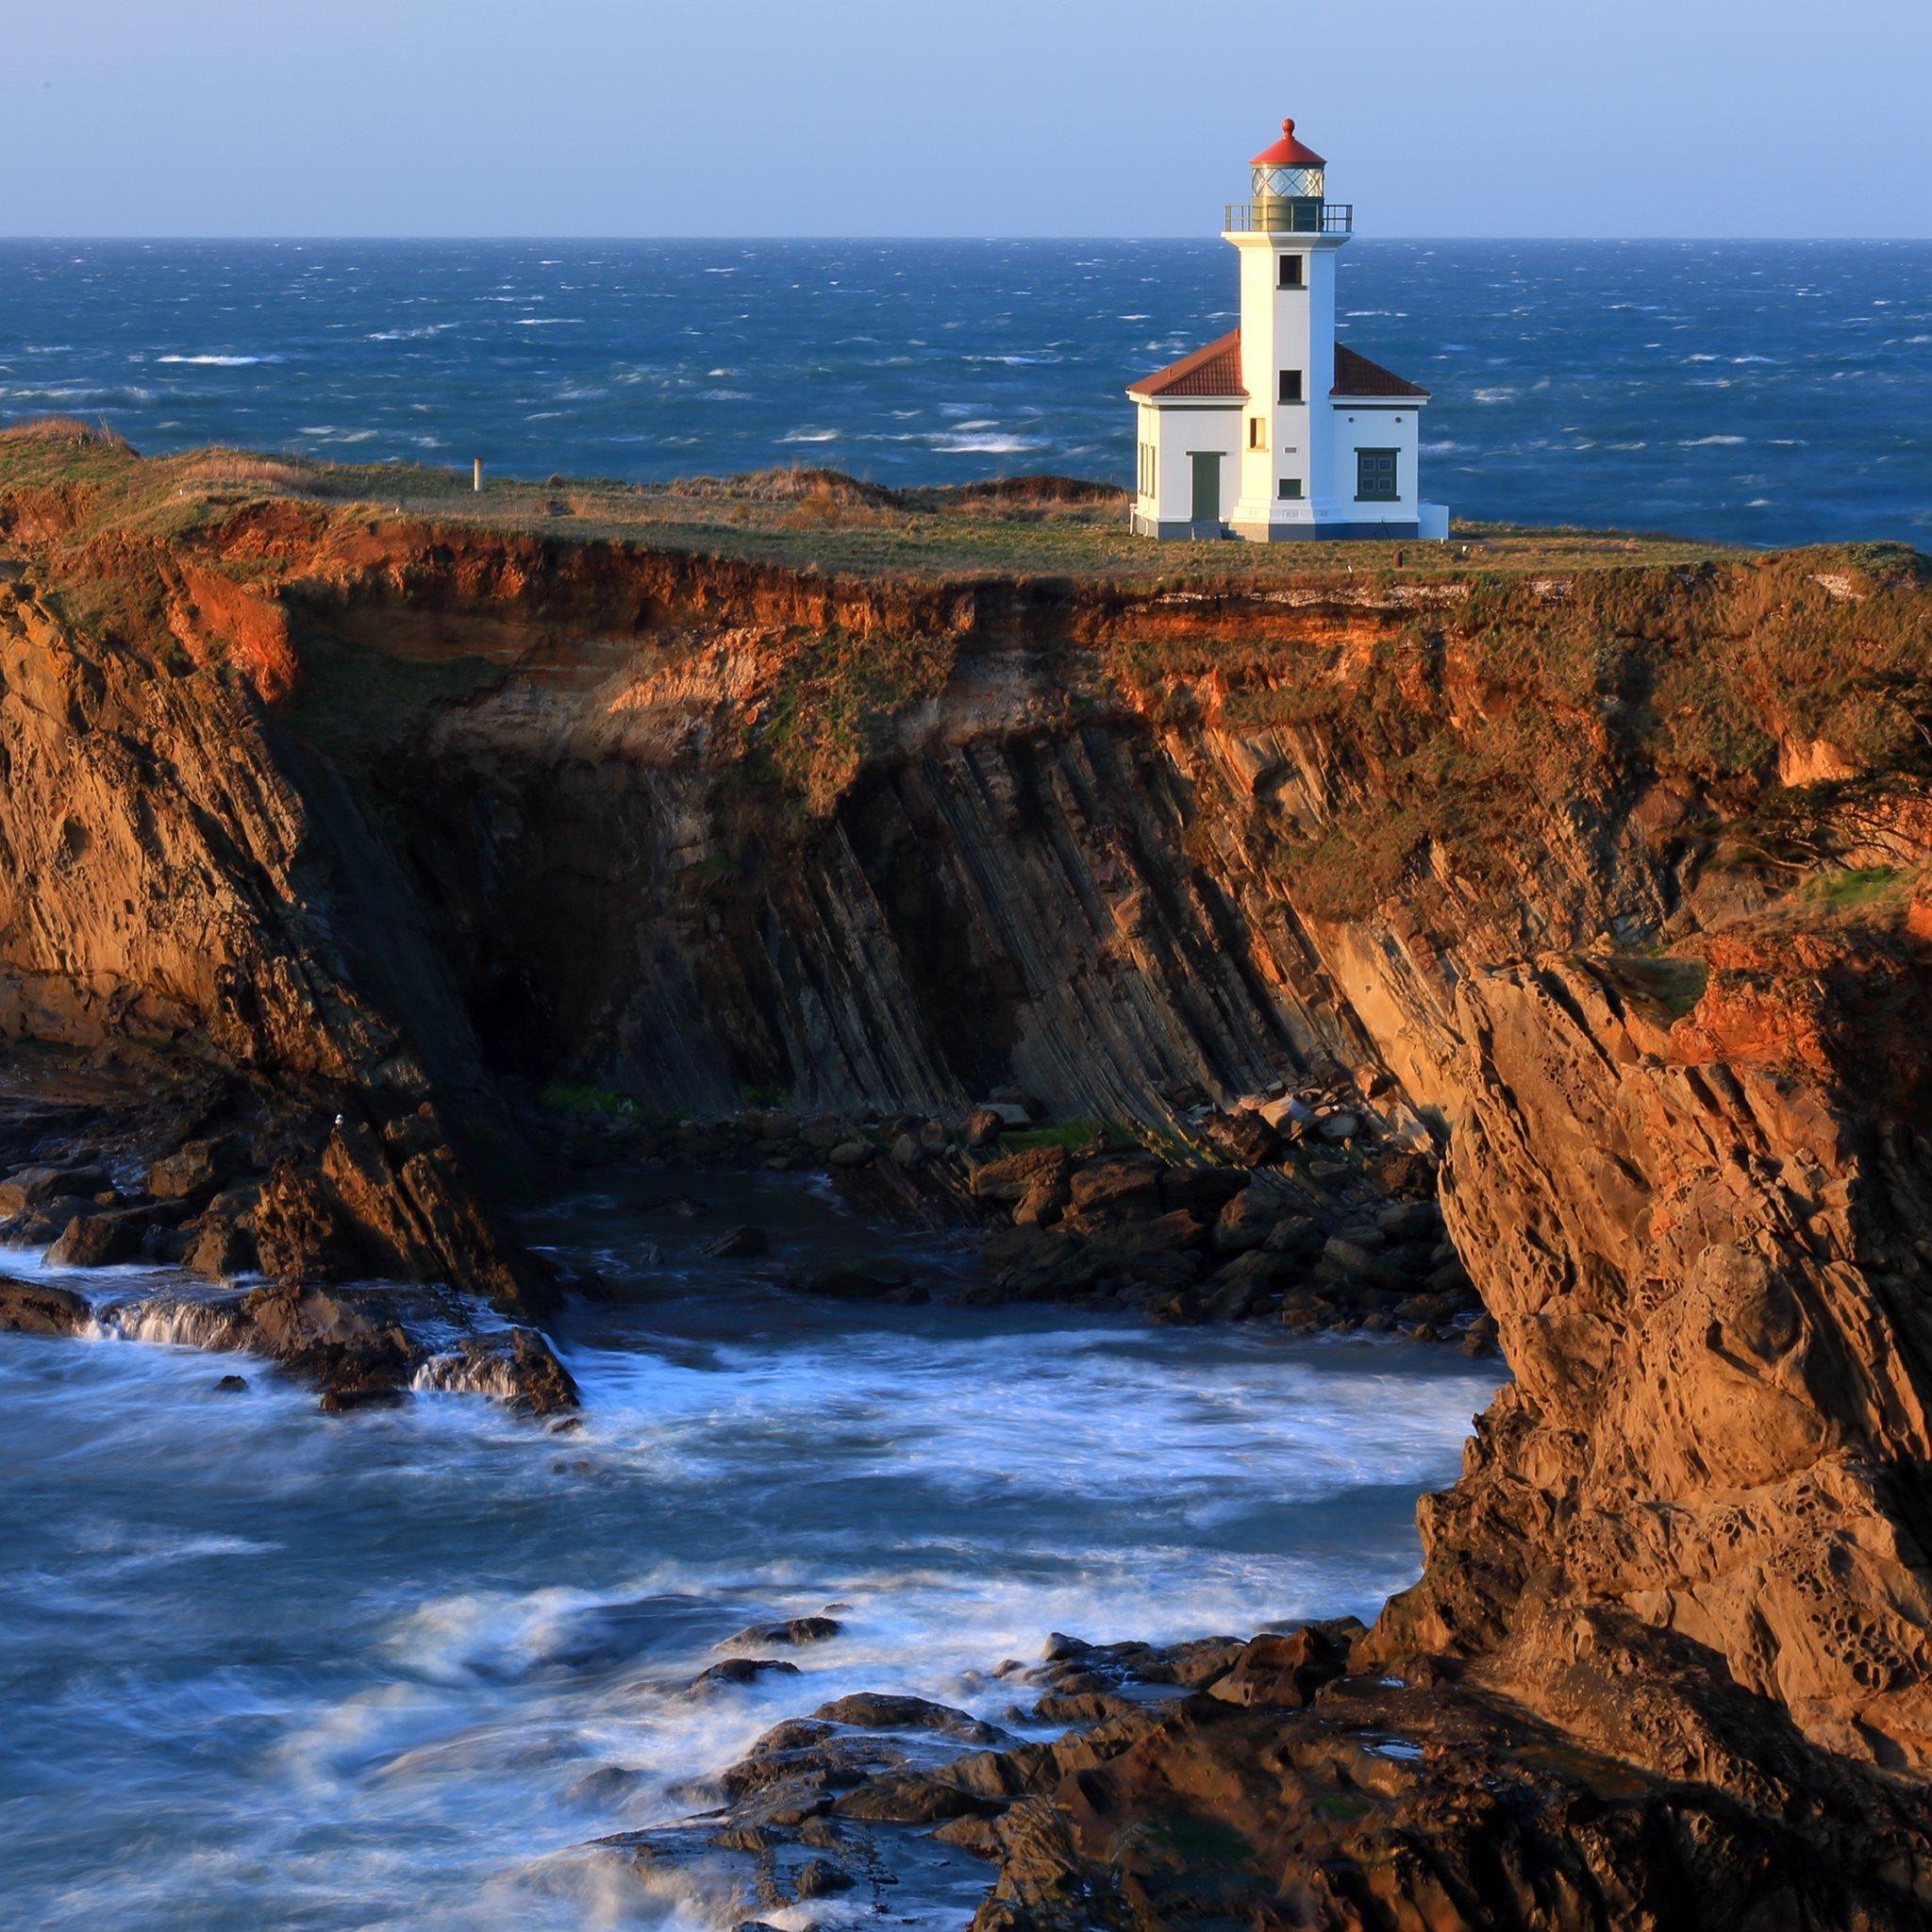 4K Lighthouse Wallpaper